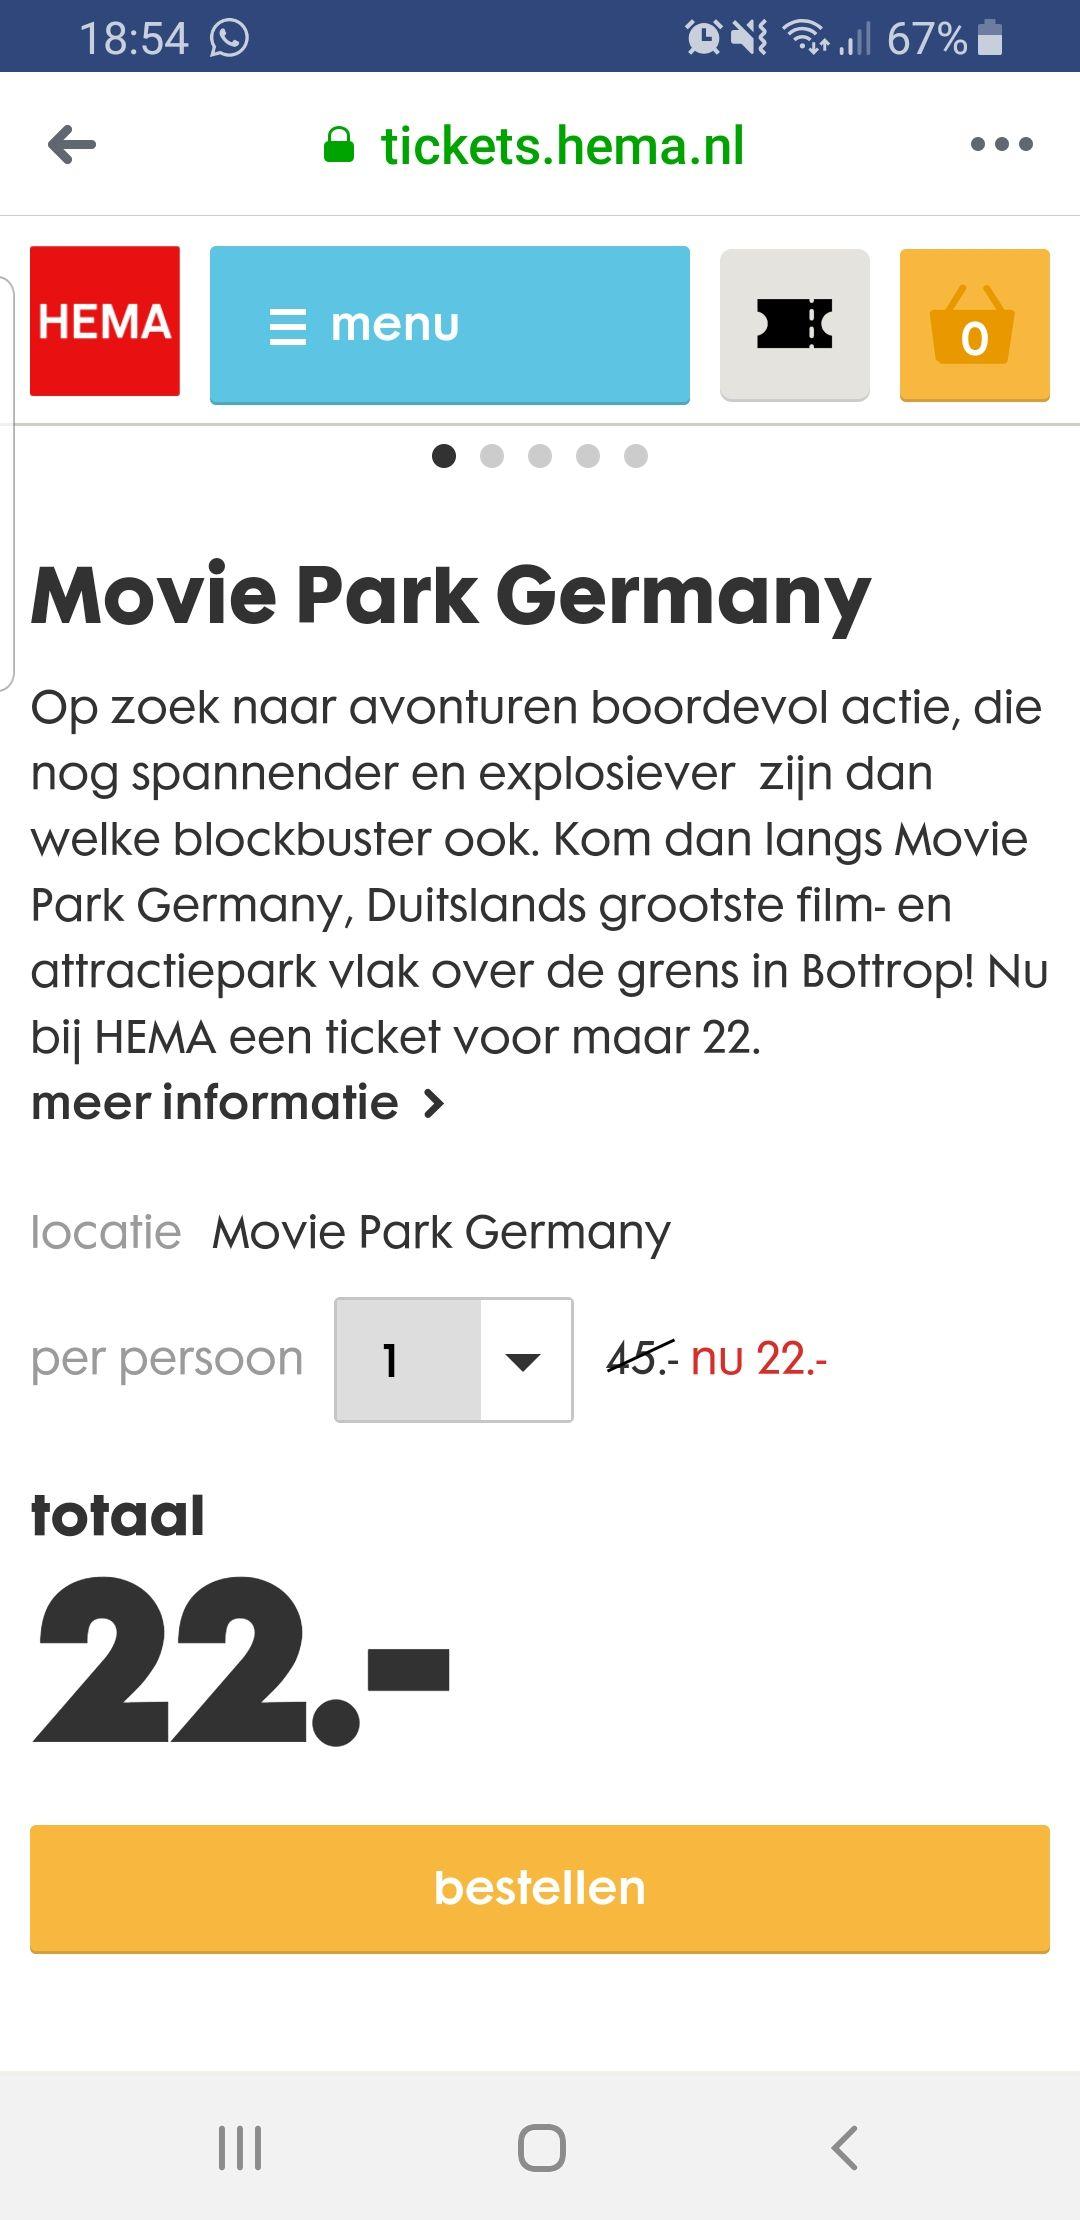 Movie Park Germany van €45 voor €22 pp